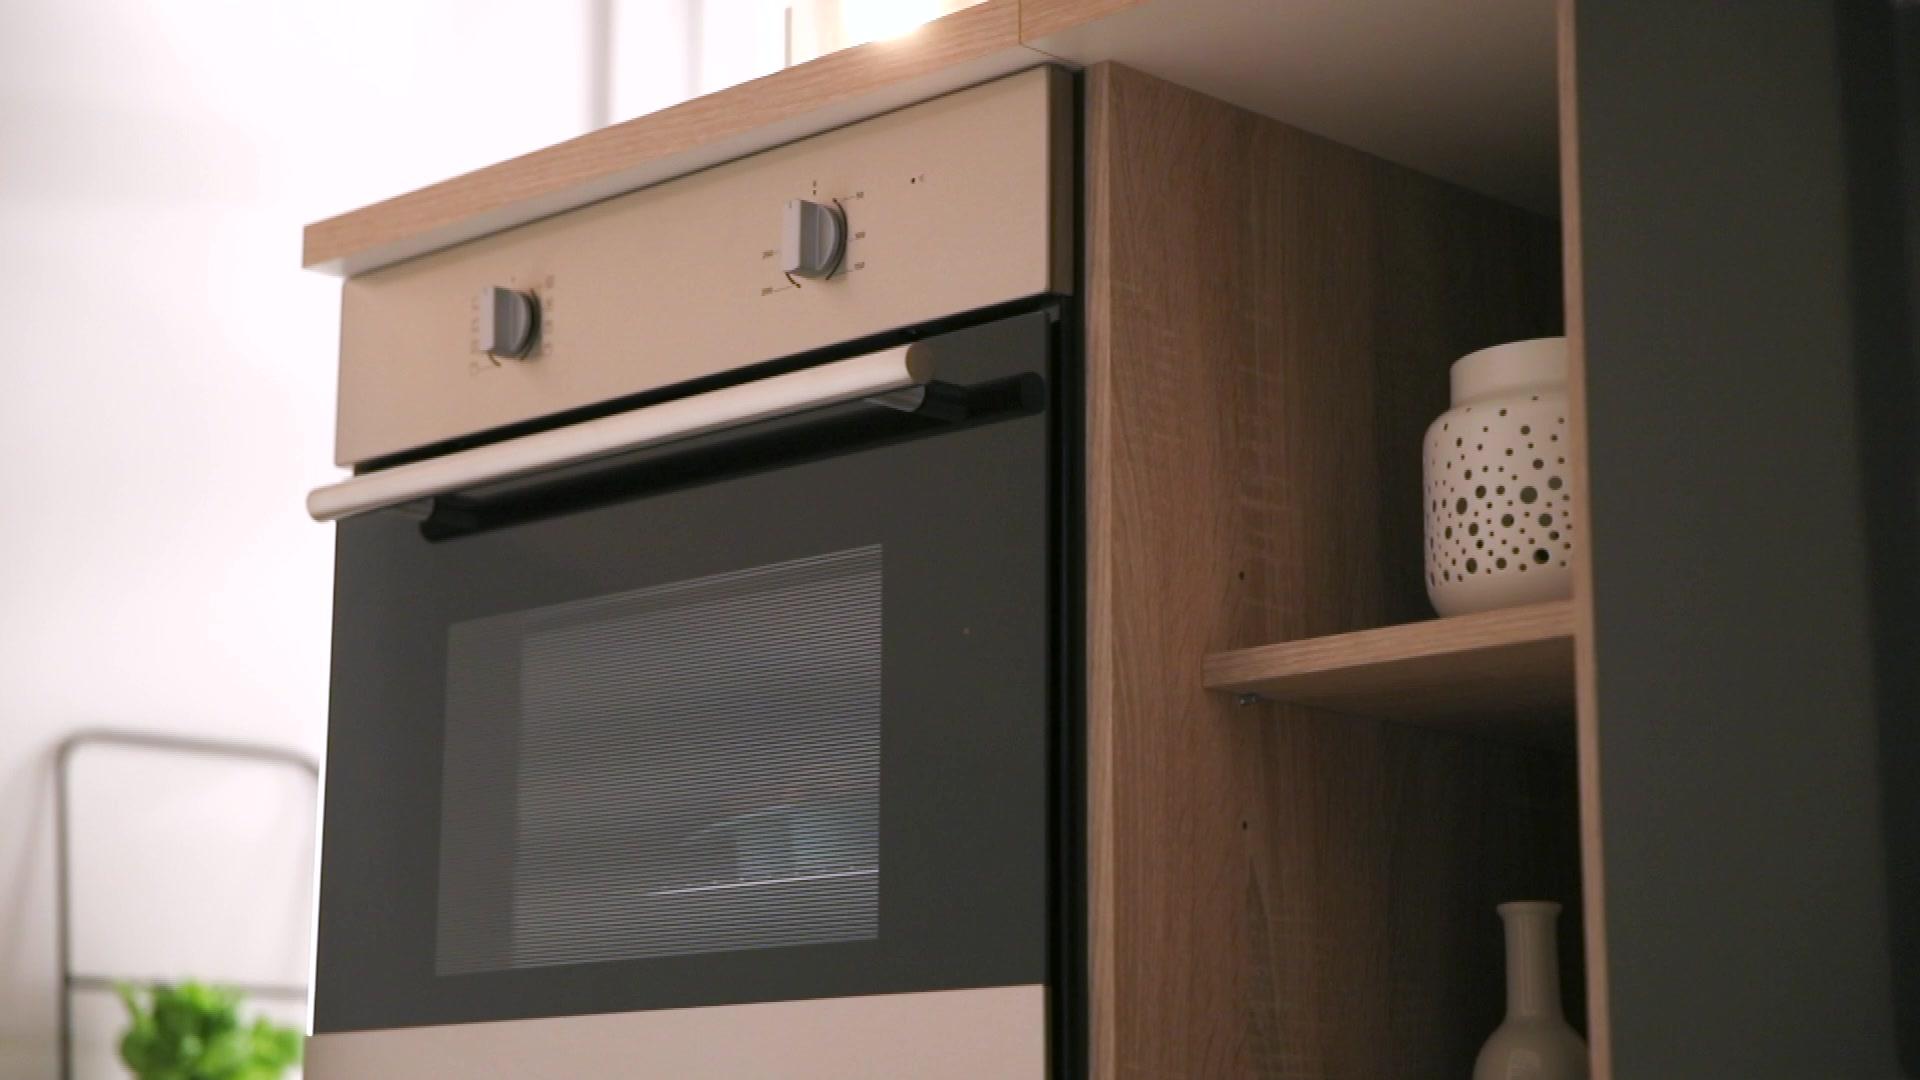 Miniküche Mit Kühlschrank Hagebaumarkt : Held mÖbel küchenzeile mit e geräten breite cm hagebau